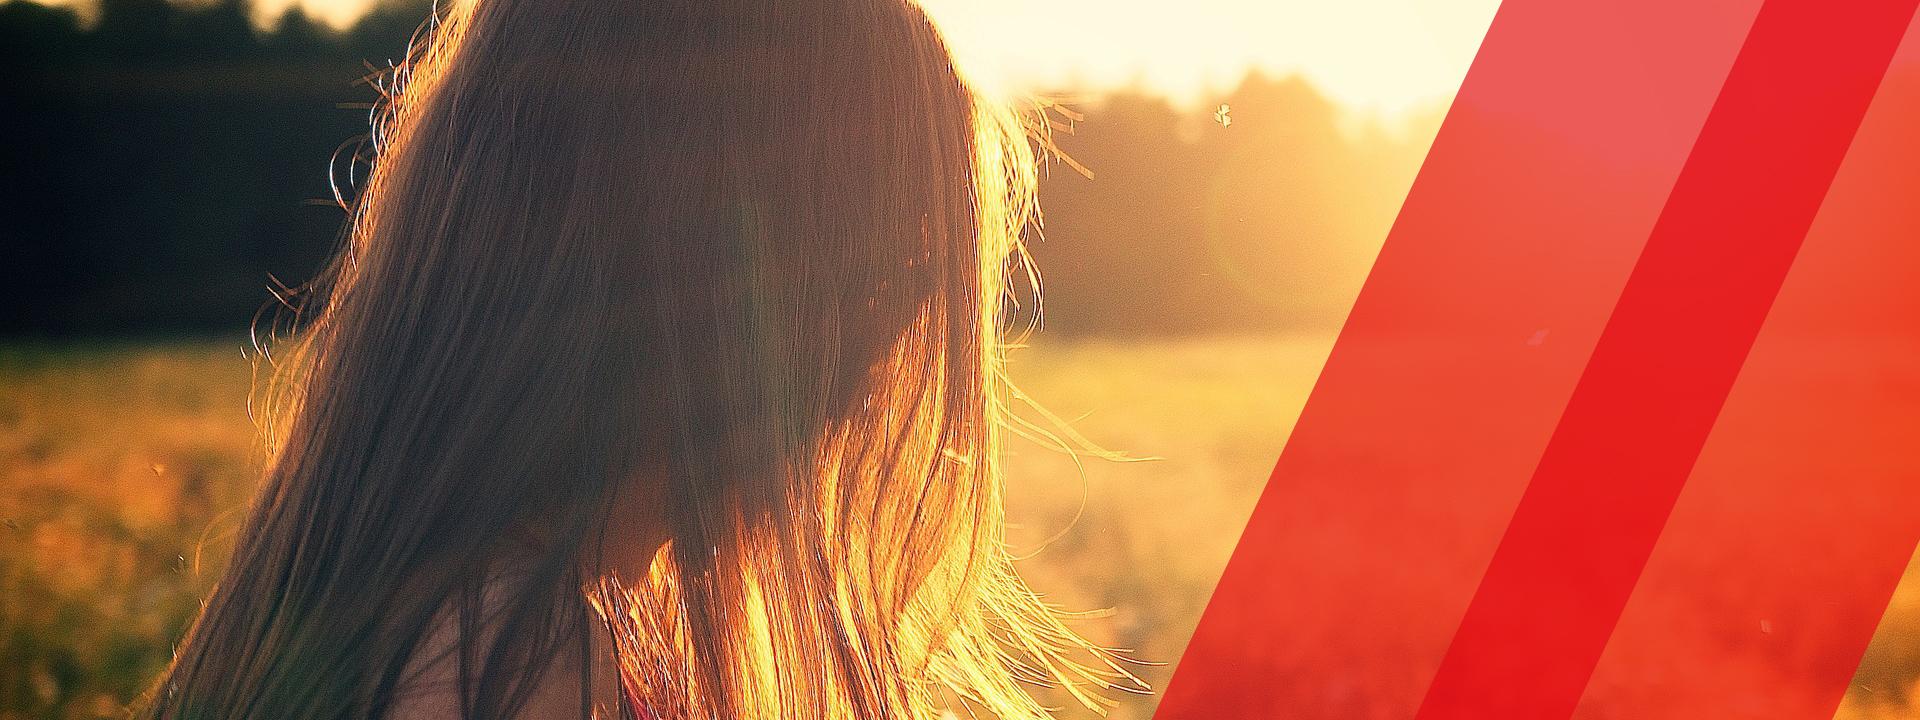 nainen kesäisellä pellolla, aurinko paistaa oikealta.